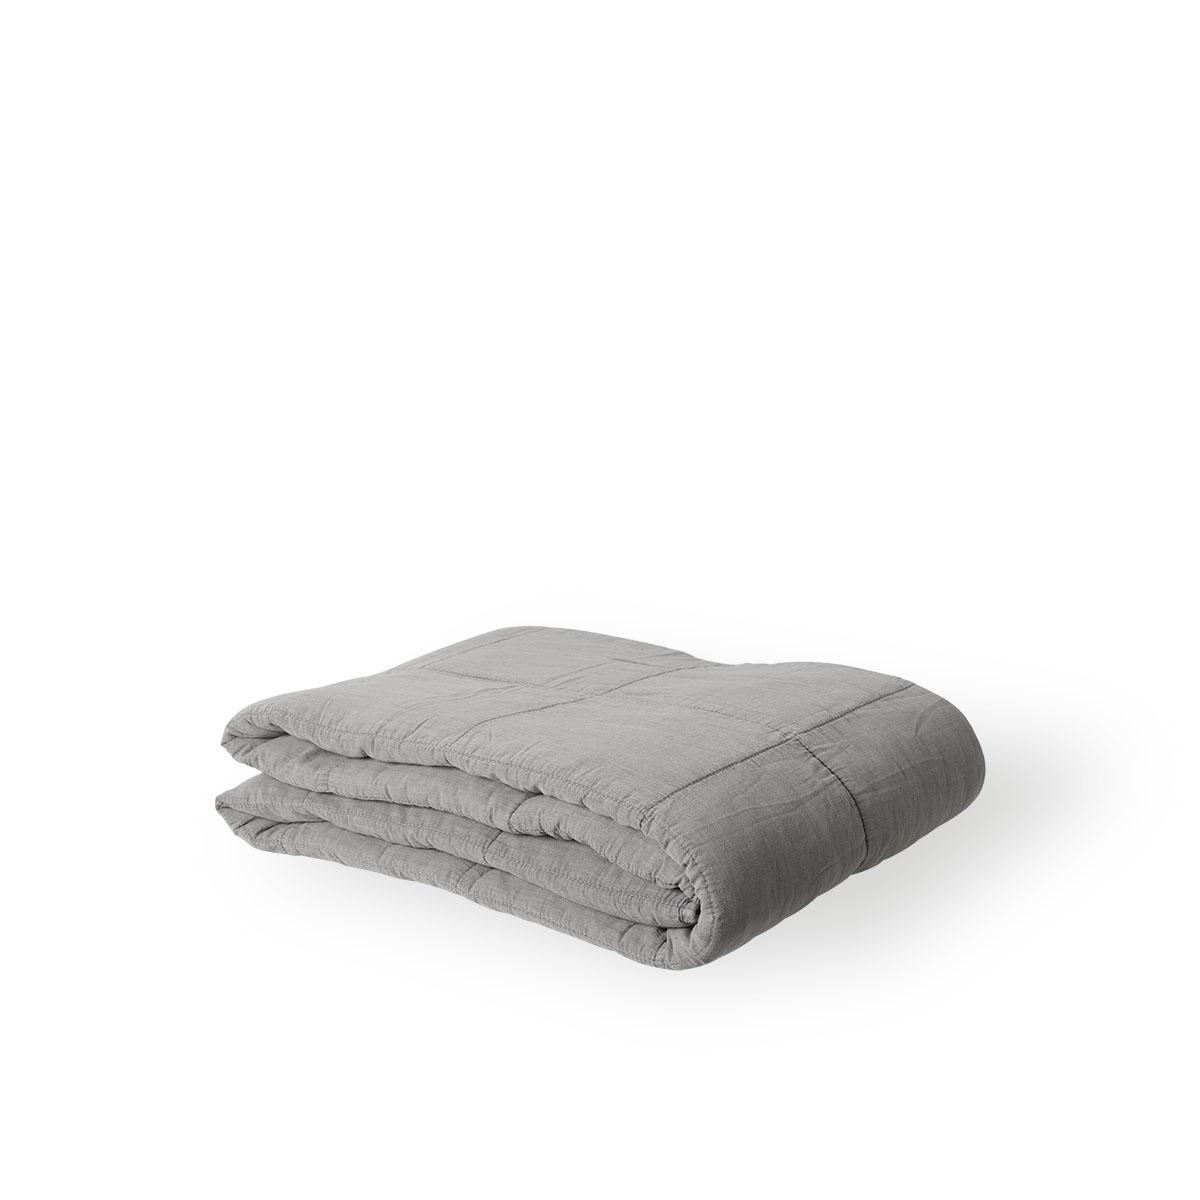 Sika Design Plaid 200x140 cm Grau